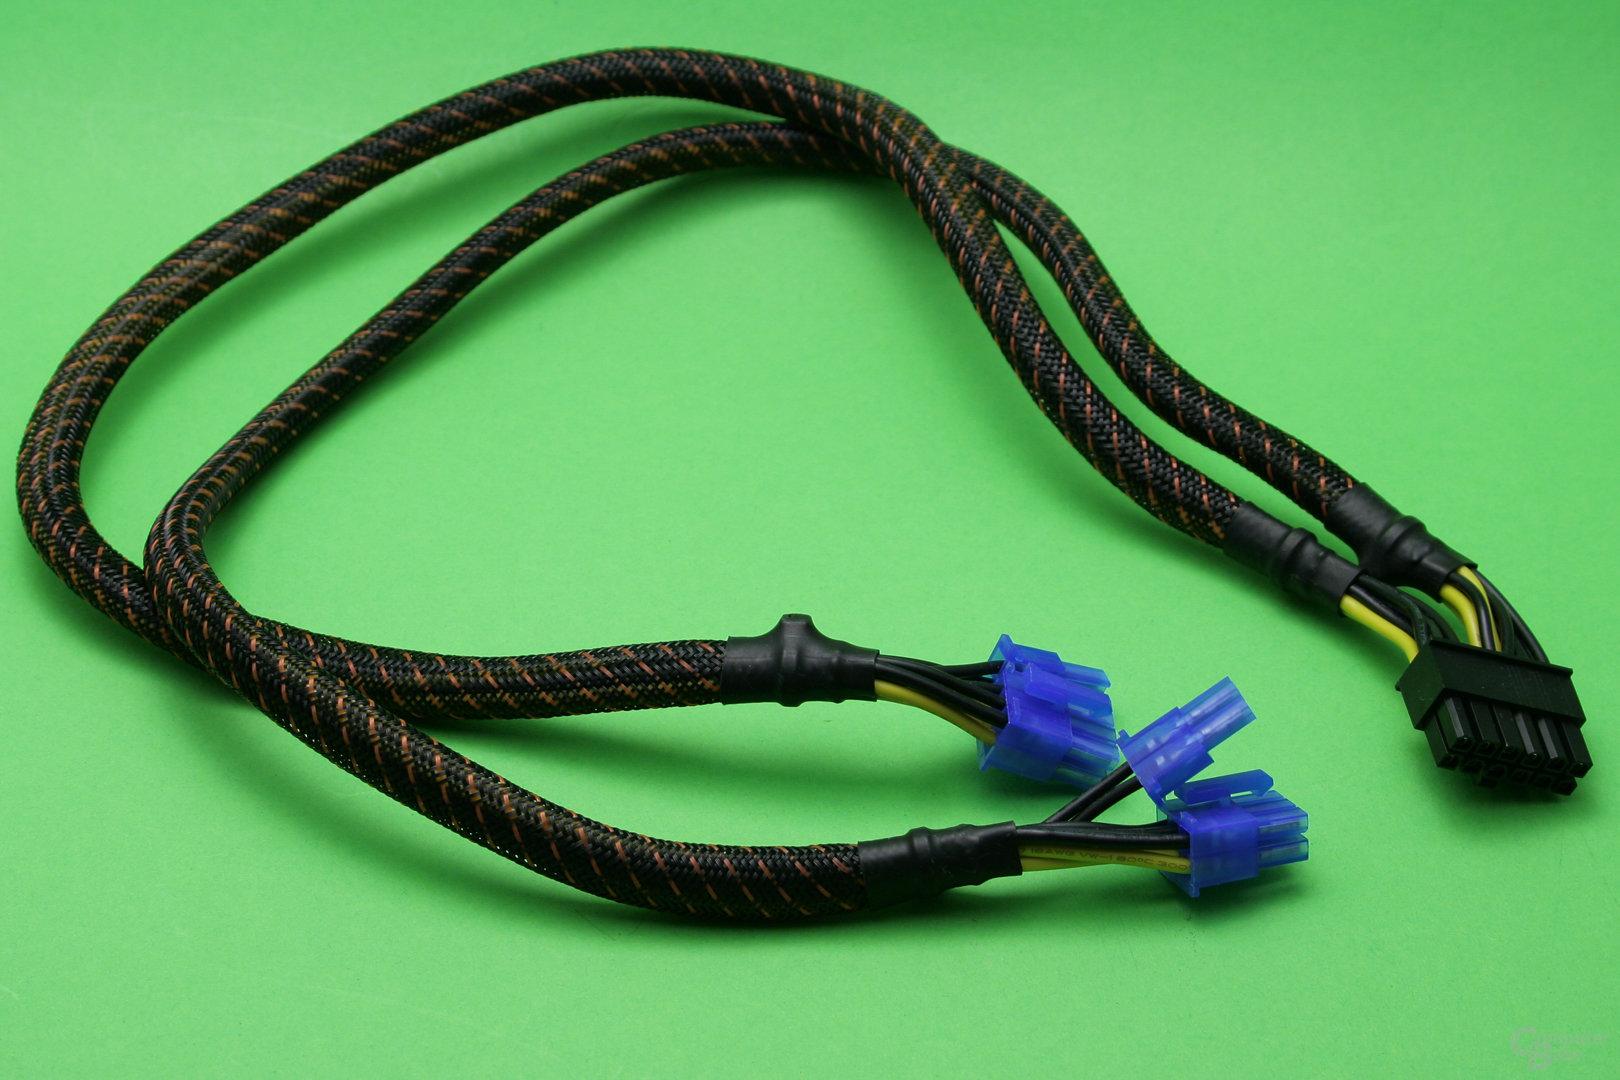 PCI-E-Anschlusskabel eines be quiet! Power Zone